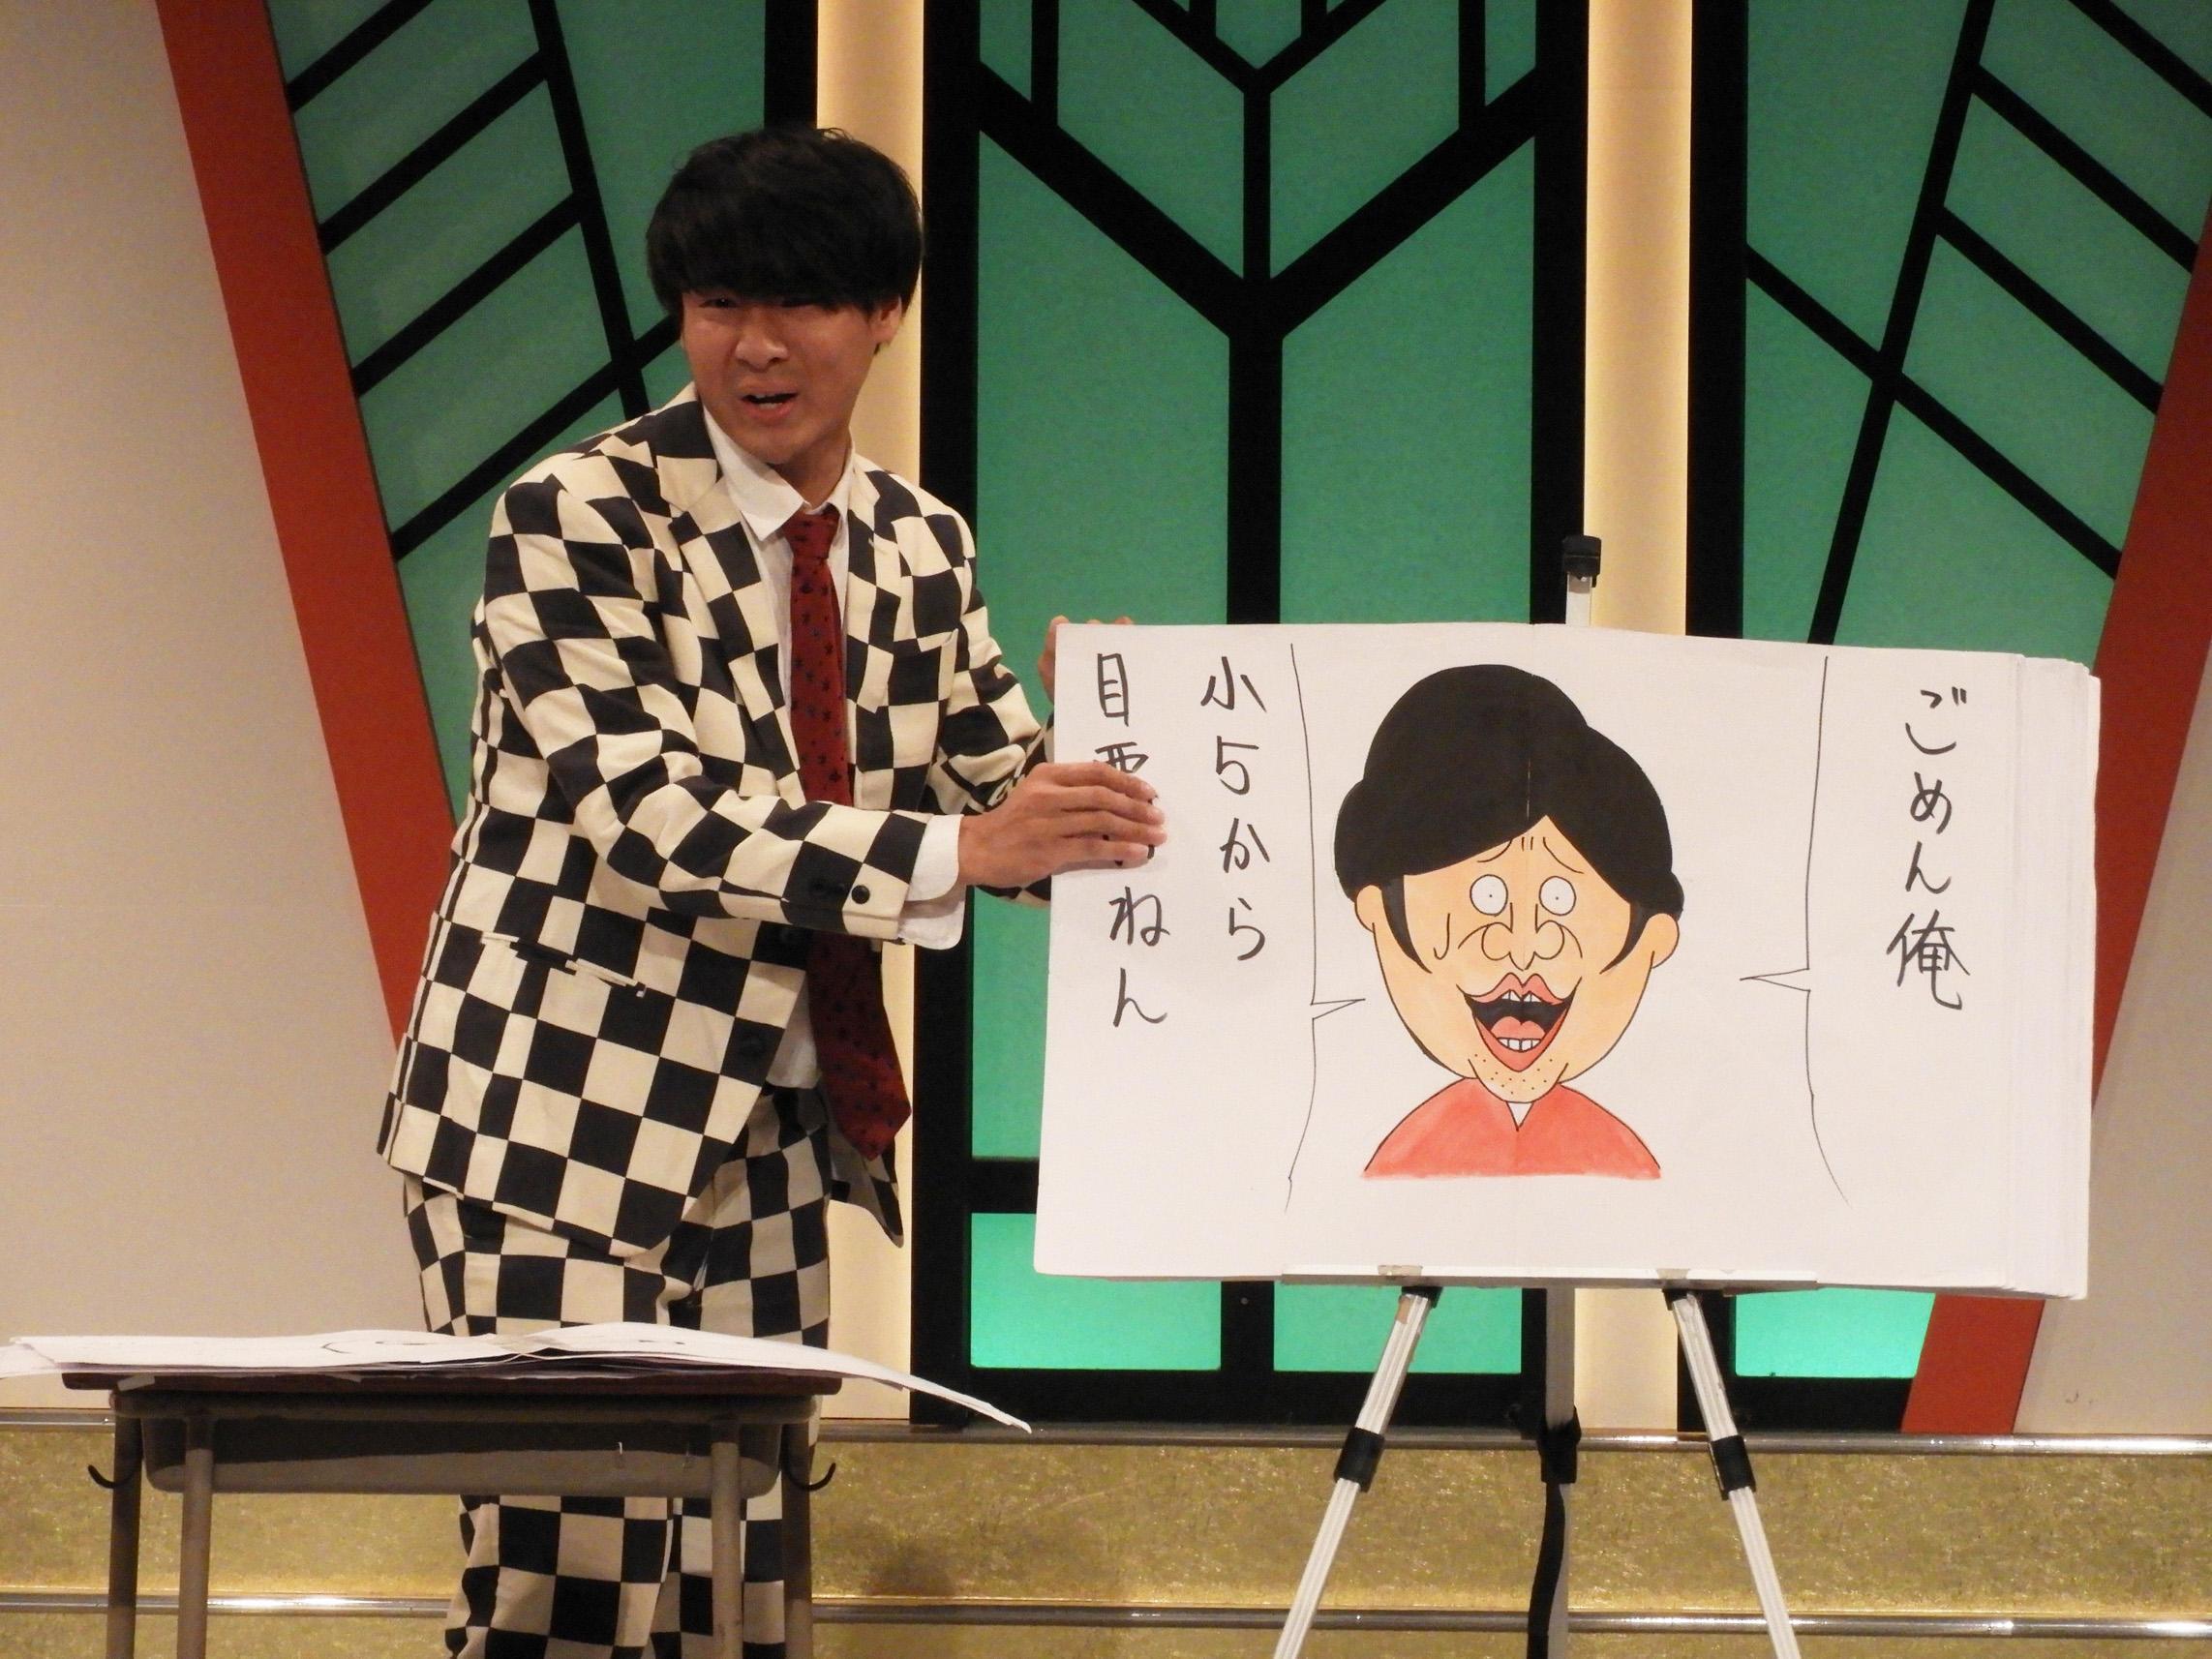 http://news.yoshimoto.co.jp/20180914110348-dcf32e2f8ca2129f95e20cab7d792cdc1b5e2a2f.jpg